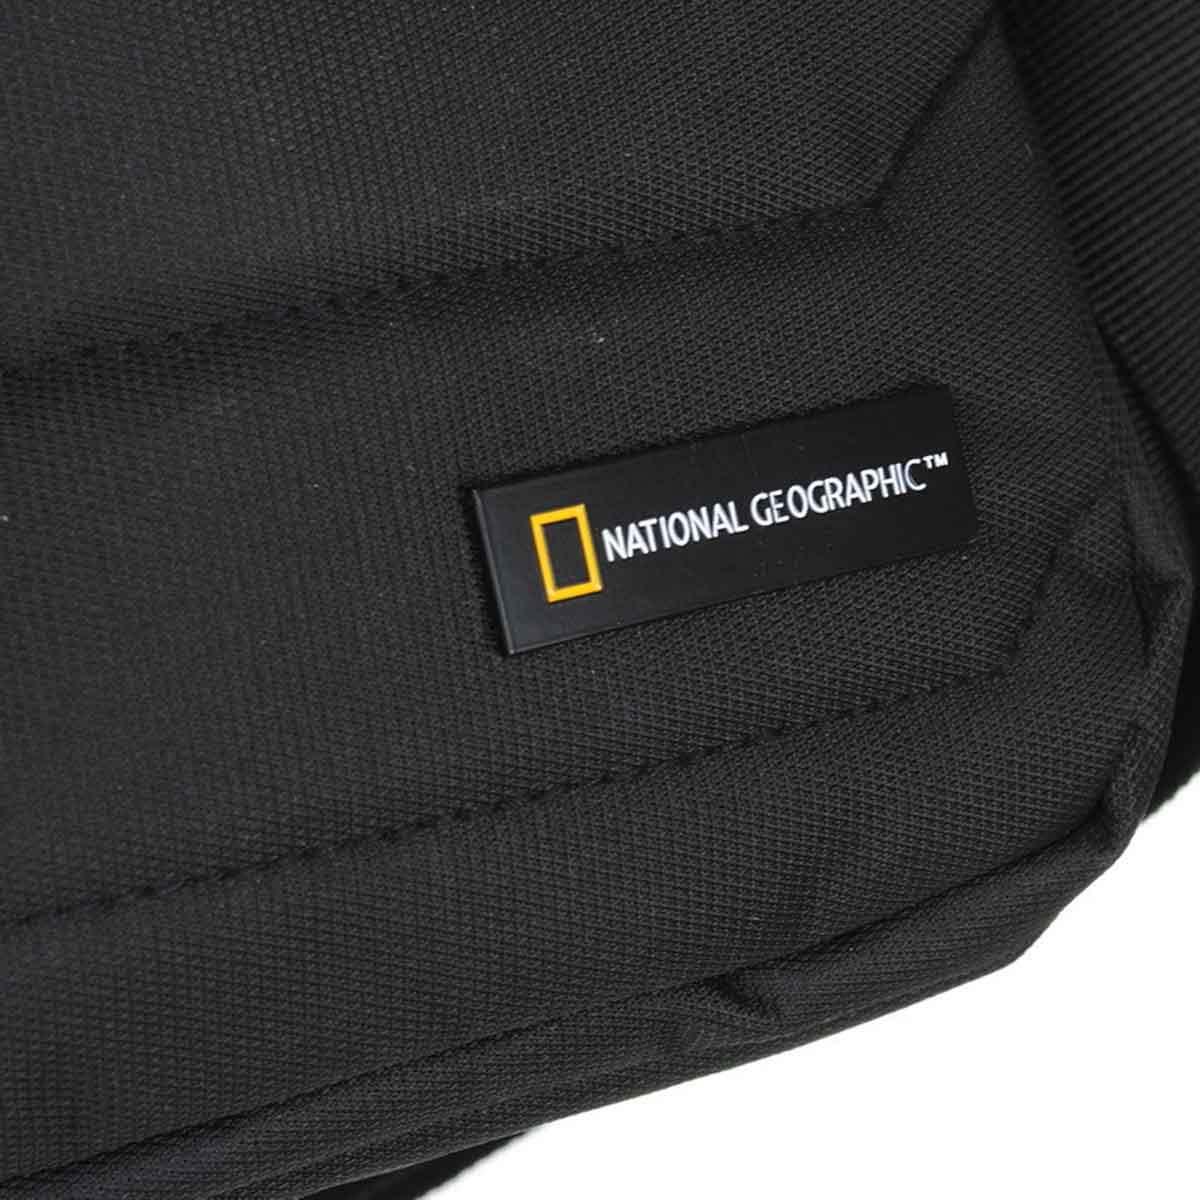 Τσαντάκι Χιαστί National Geographic N00702 Μαύρο